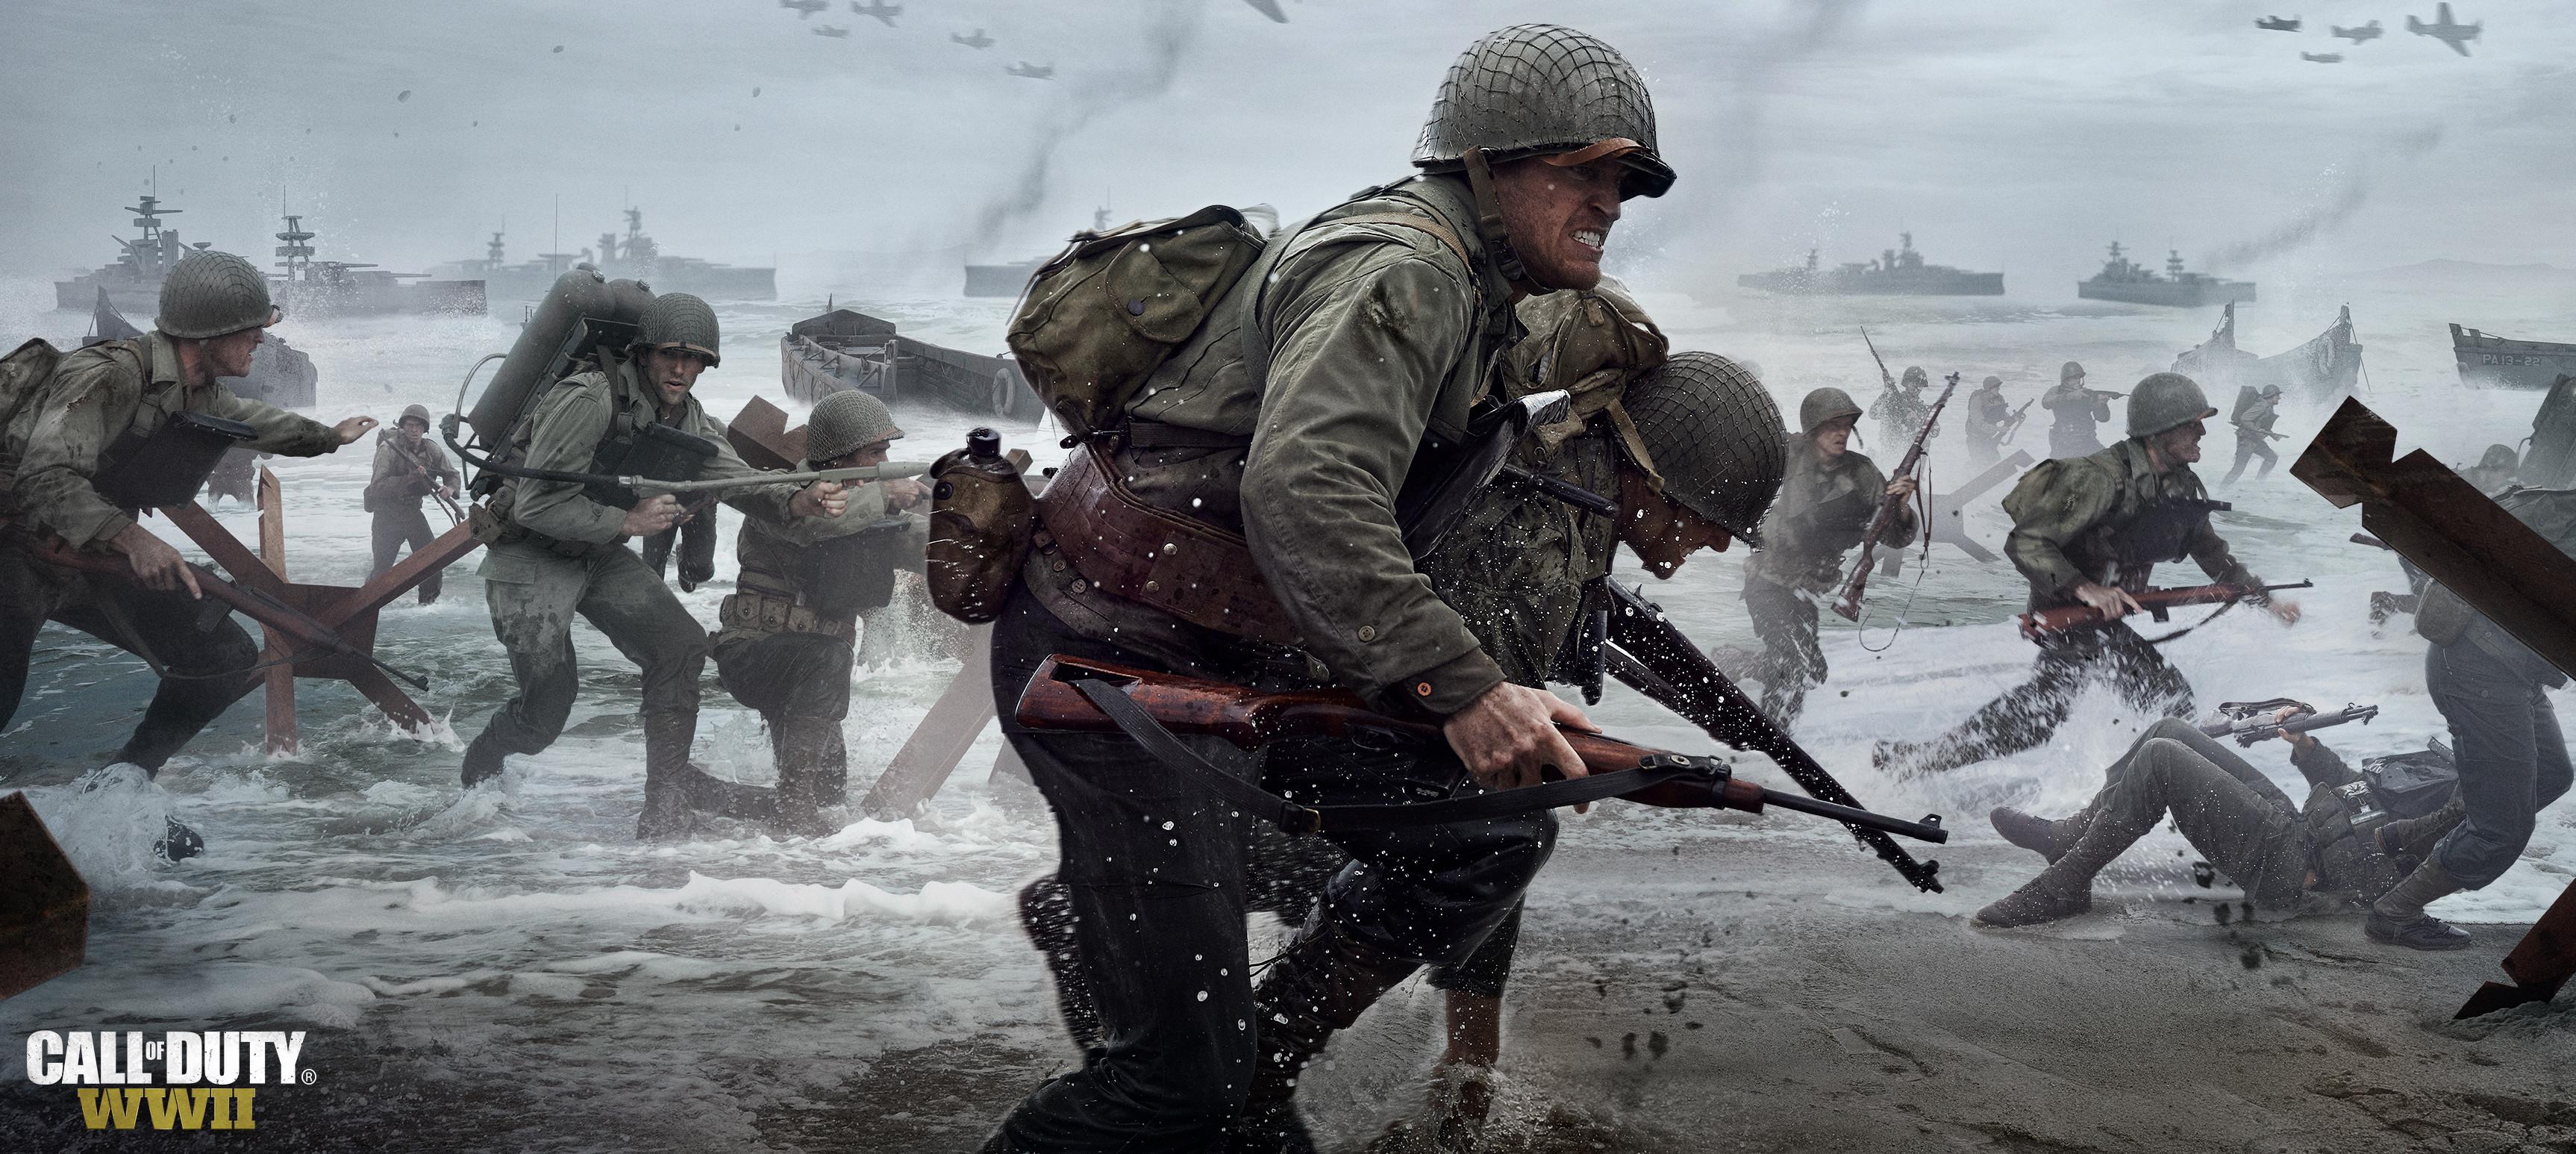 Call Of Duty World At War Wallpaper 1920x1080 1